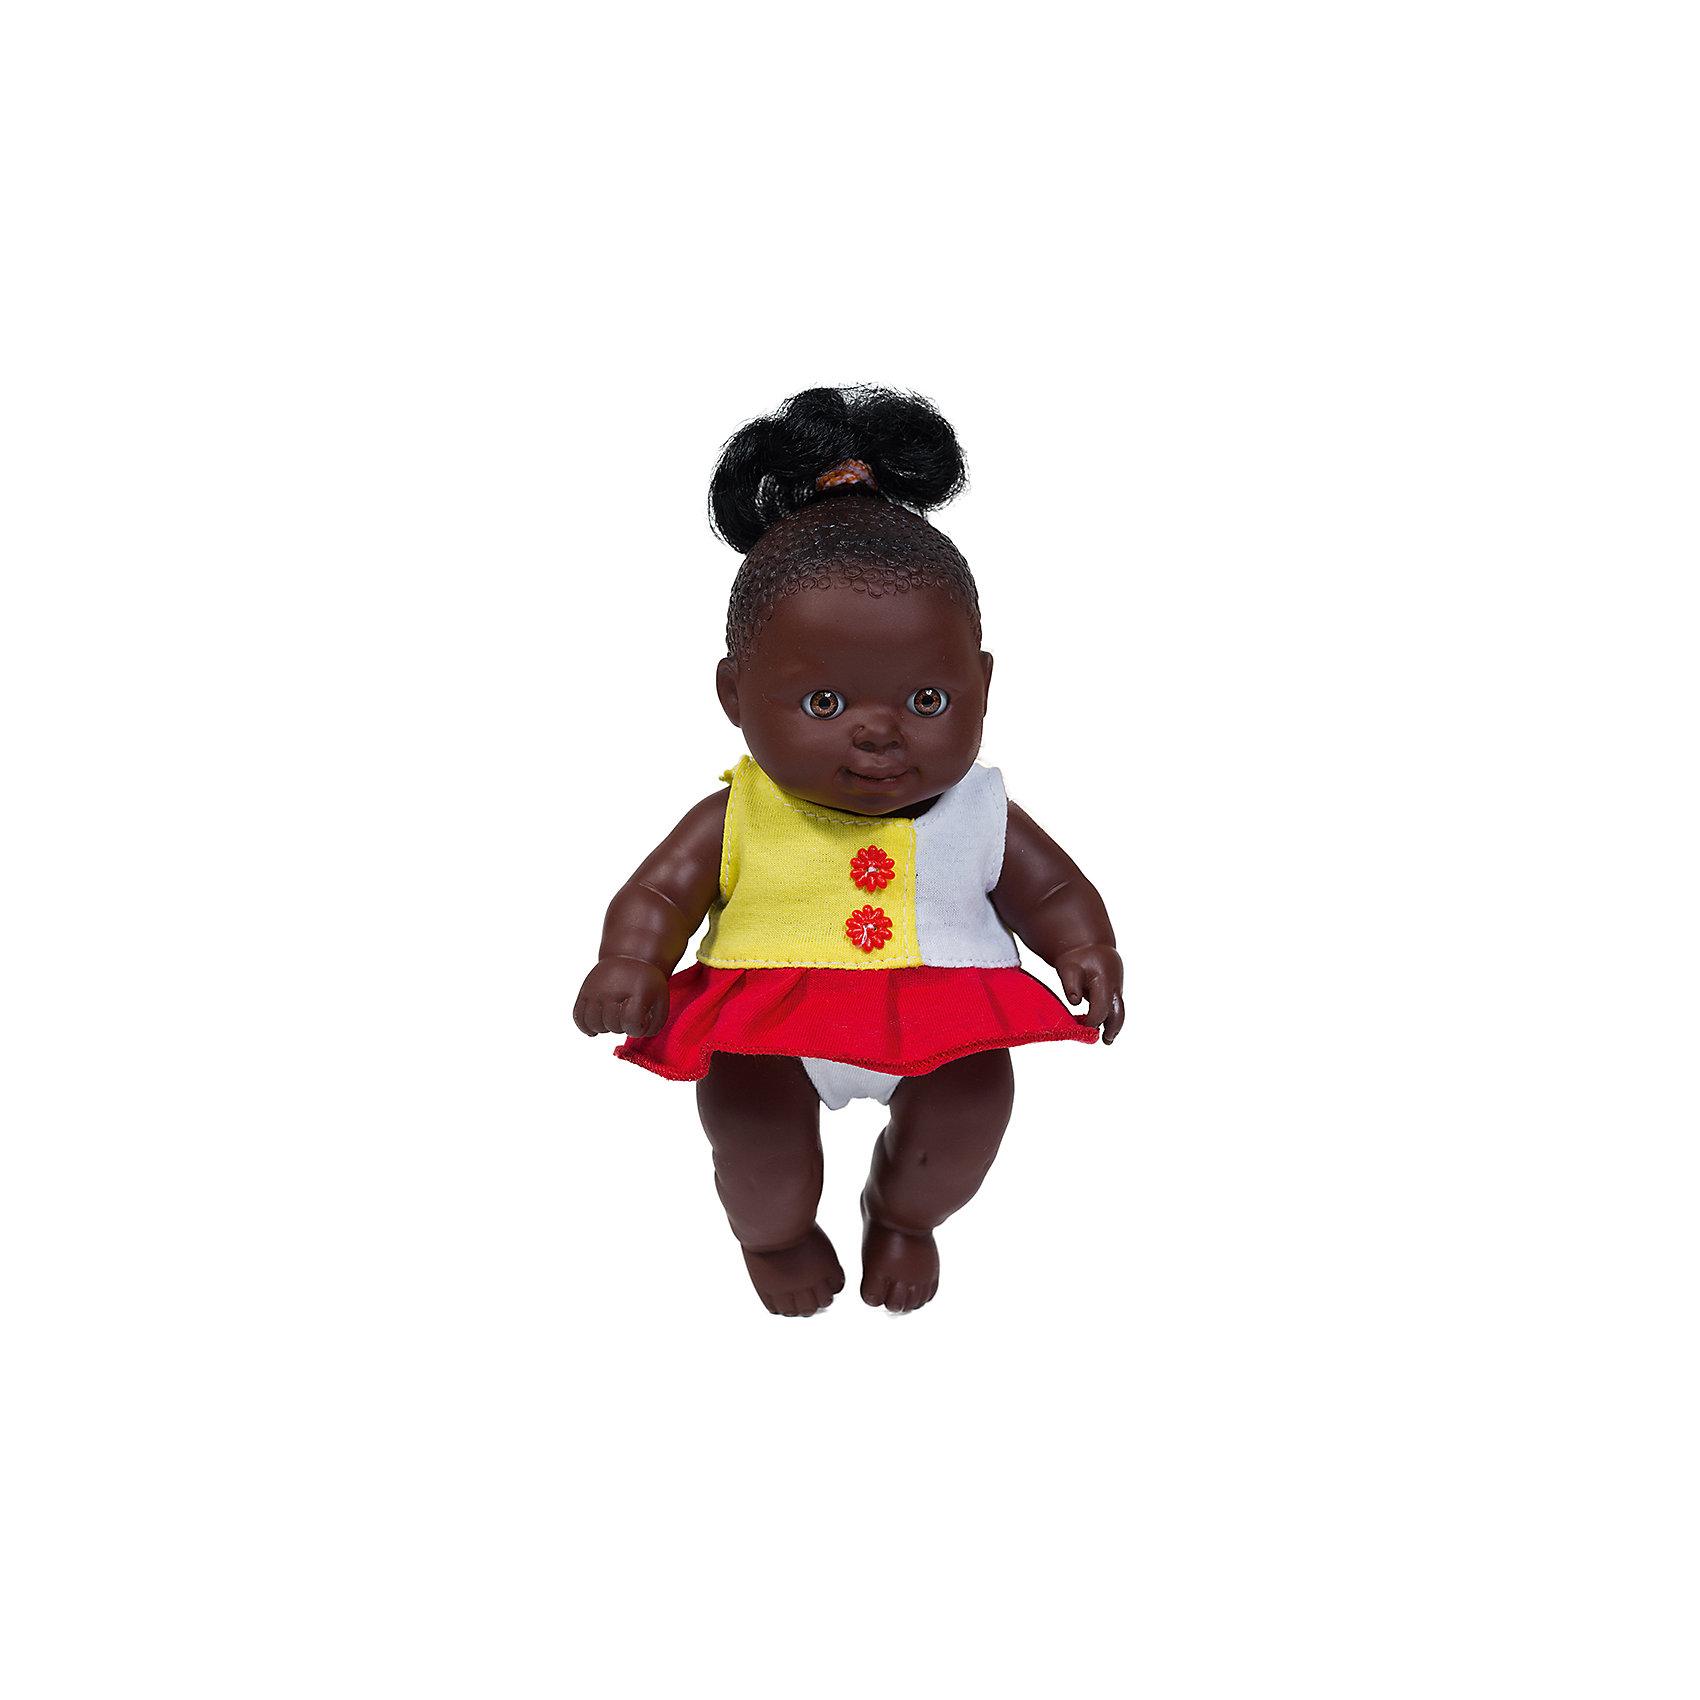 Весна Кукла Карапуз 21, девочка, Весна карапуз кукла рапунцель со светящимся амулетом 37 см со звуком принцессы дисней карапуз